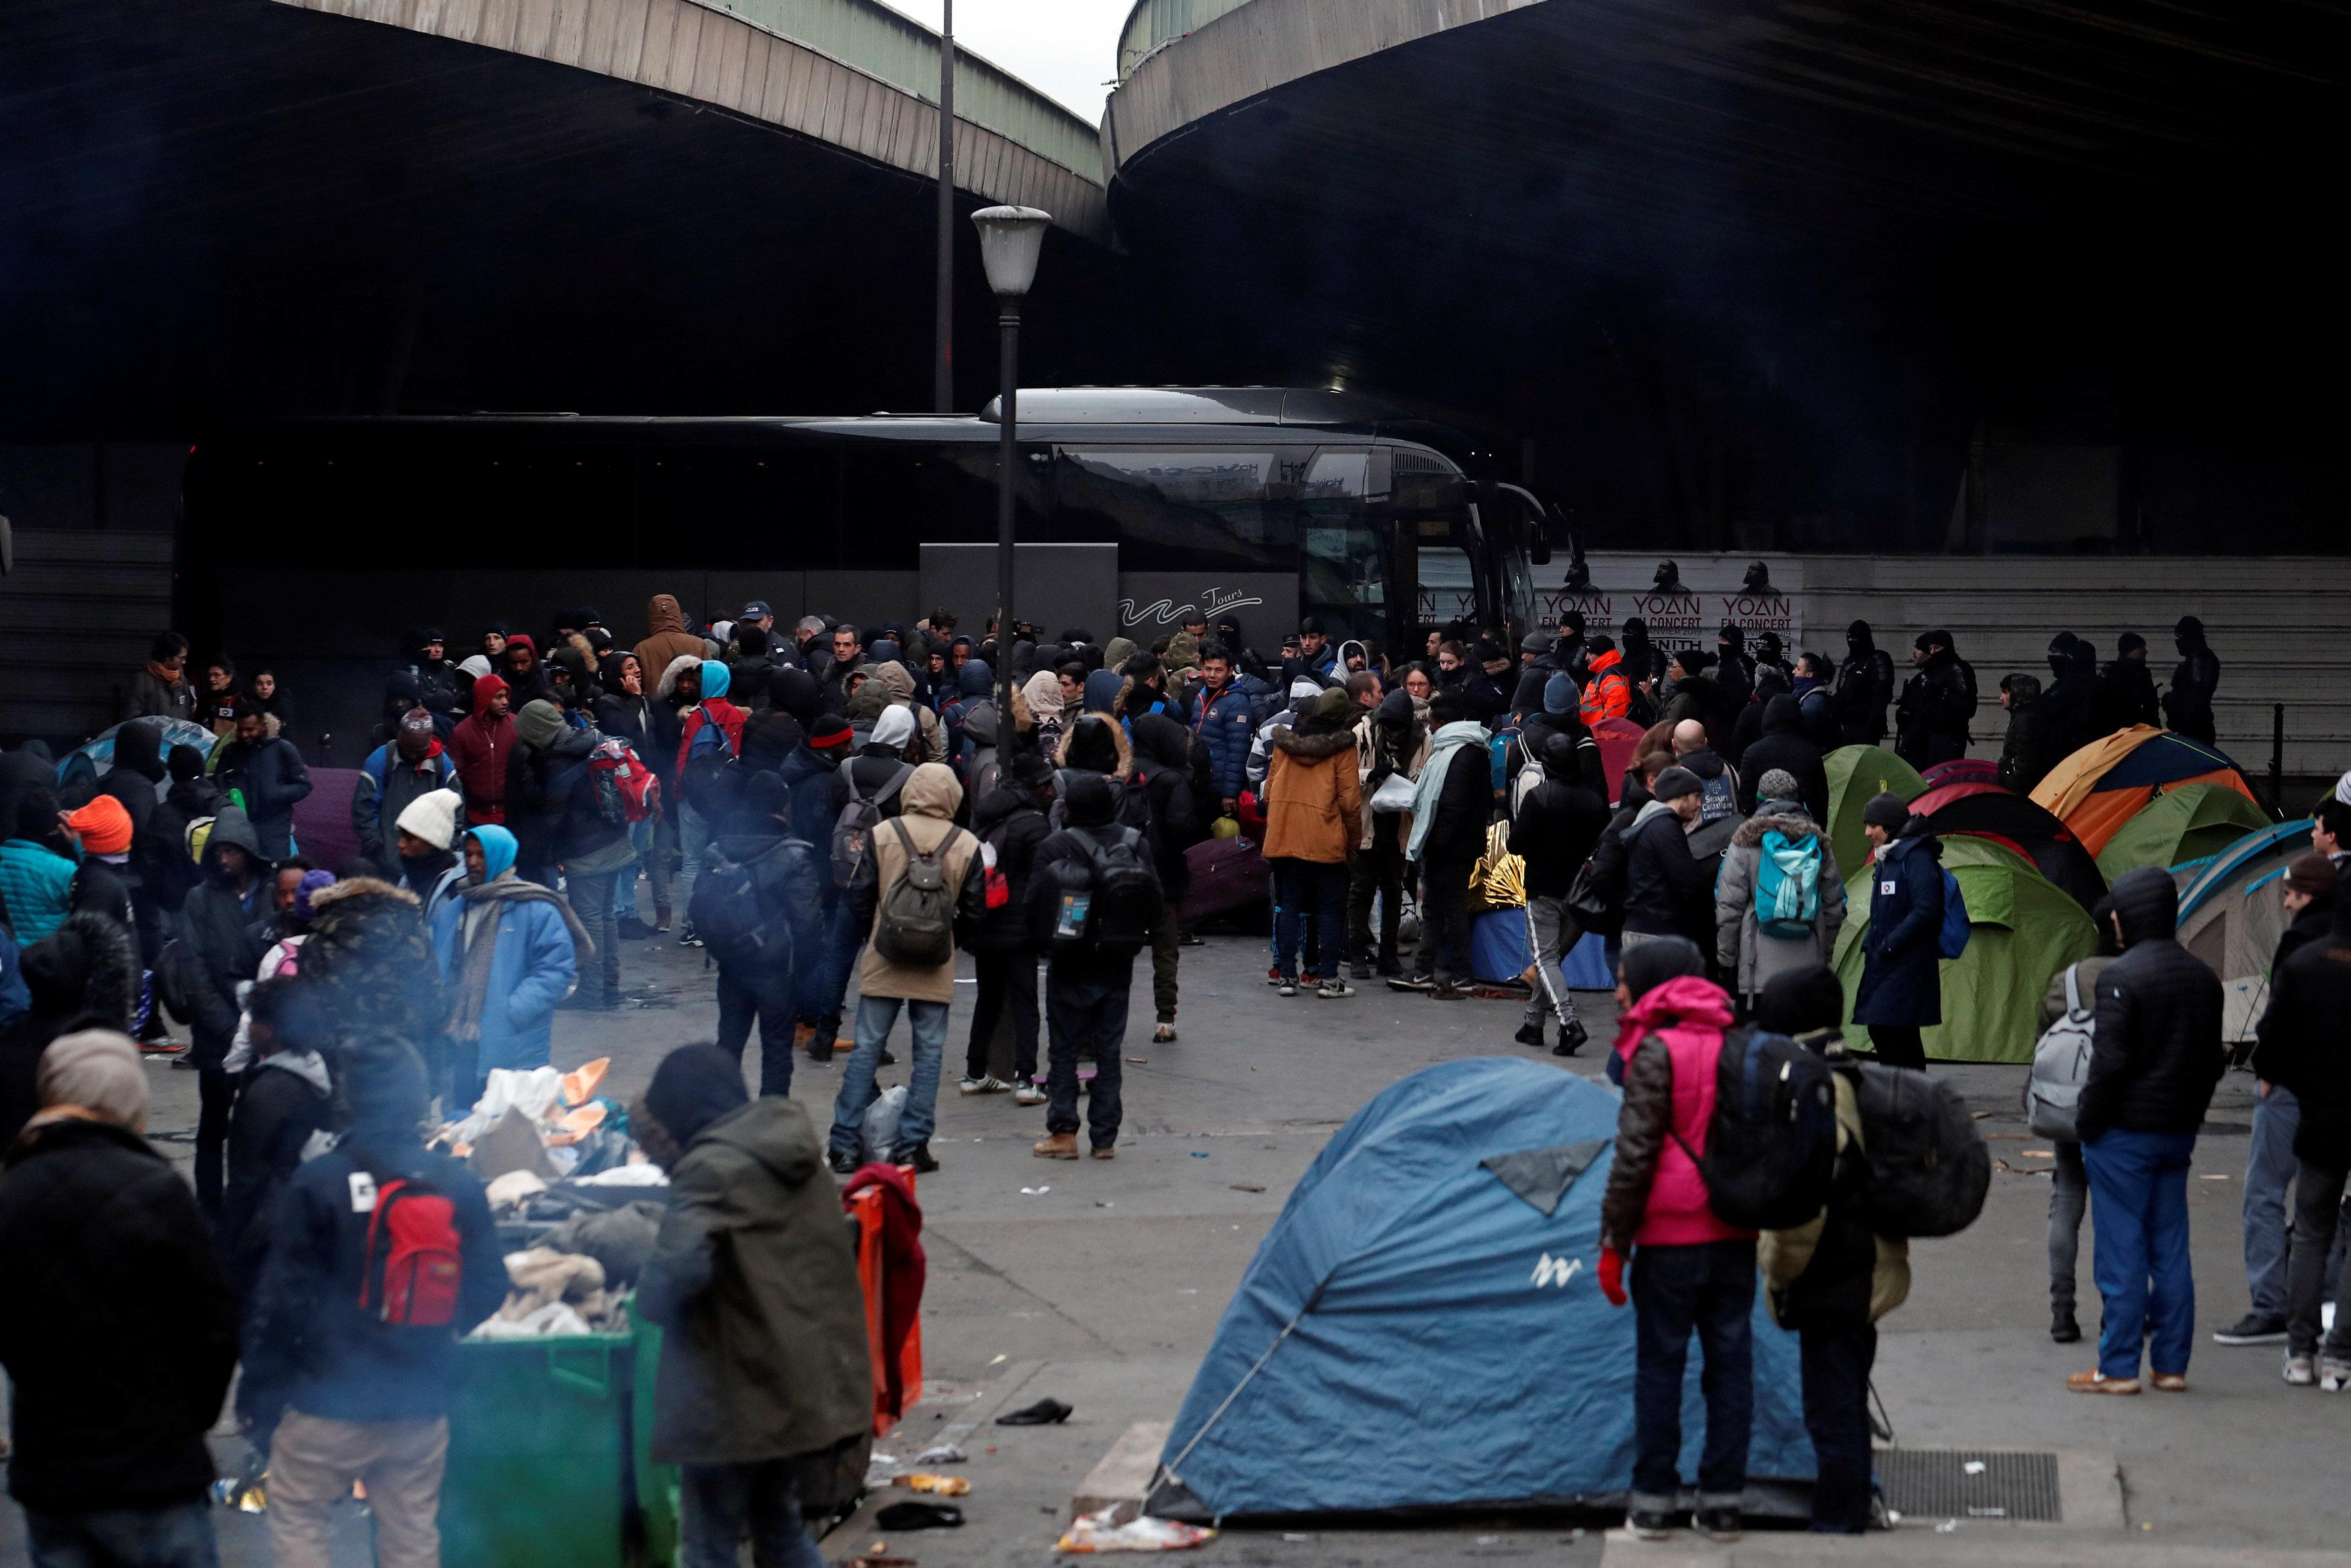 أتوبيسات مخصصة لنقل اللاجئين إلى مكان إقامتهم